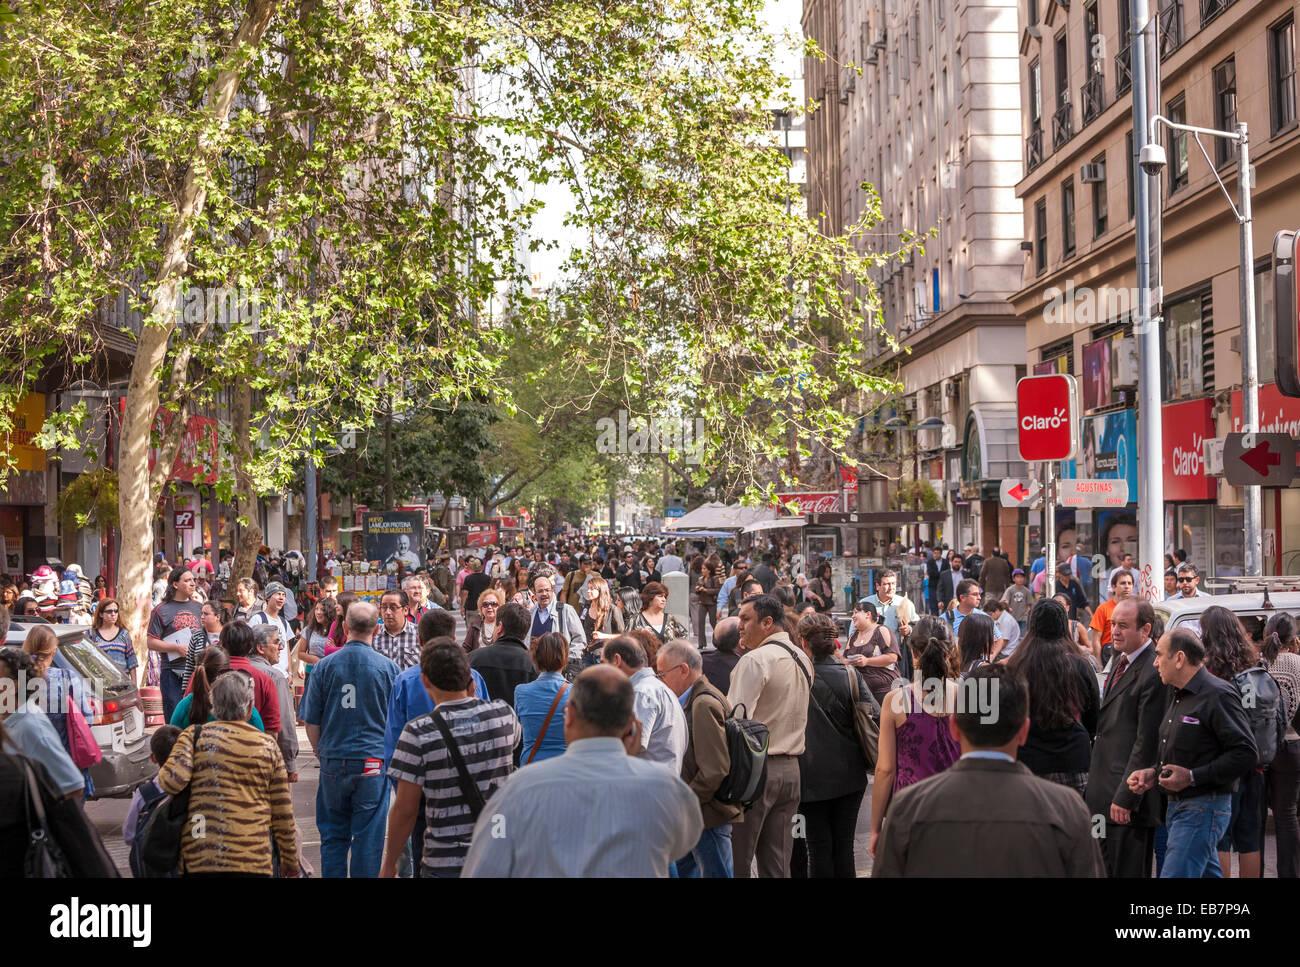 Santiago de Chile, Paseo Ahumada. Multitudes de personas, compras, paseos hablando en la principal calle comercial Imagen De Stock